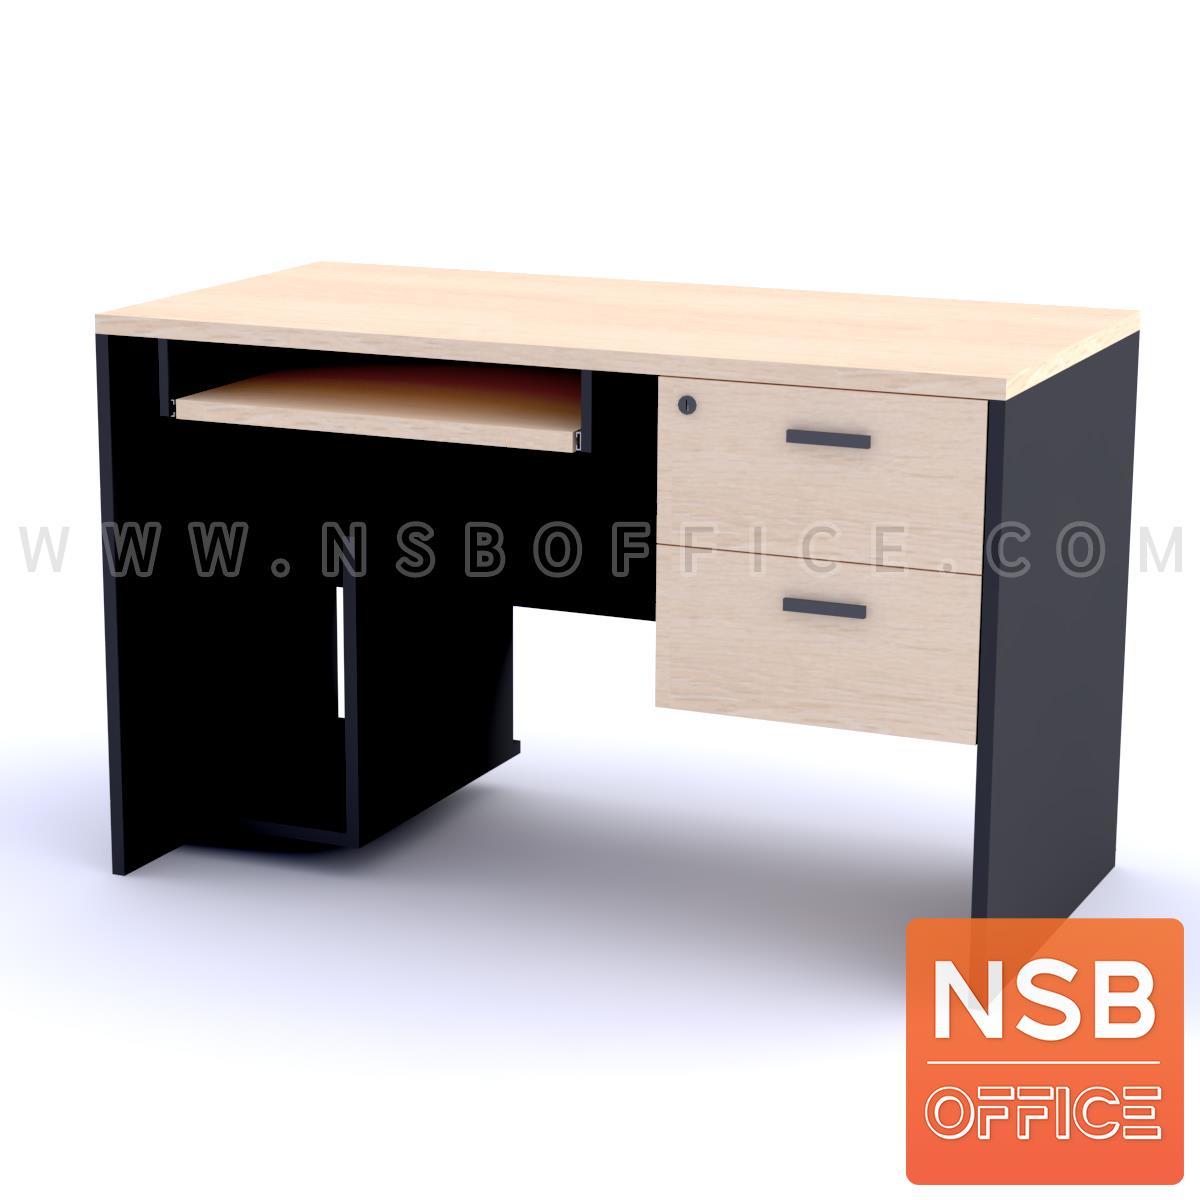 โต๊ะคอมพิวเตอร์ 2 ลิ้นชัก   ขนาด 120W cm. พร้อมรางคีย์บอร์ด รับผลิตนอกแบบ